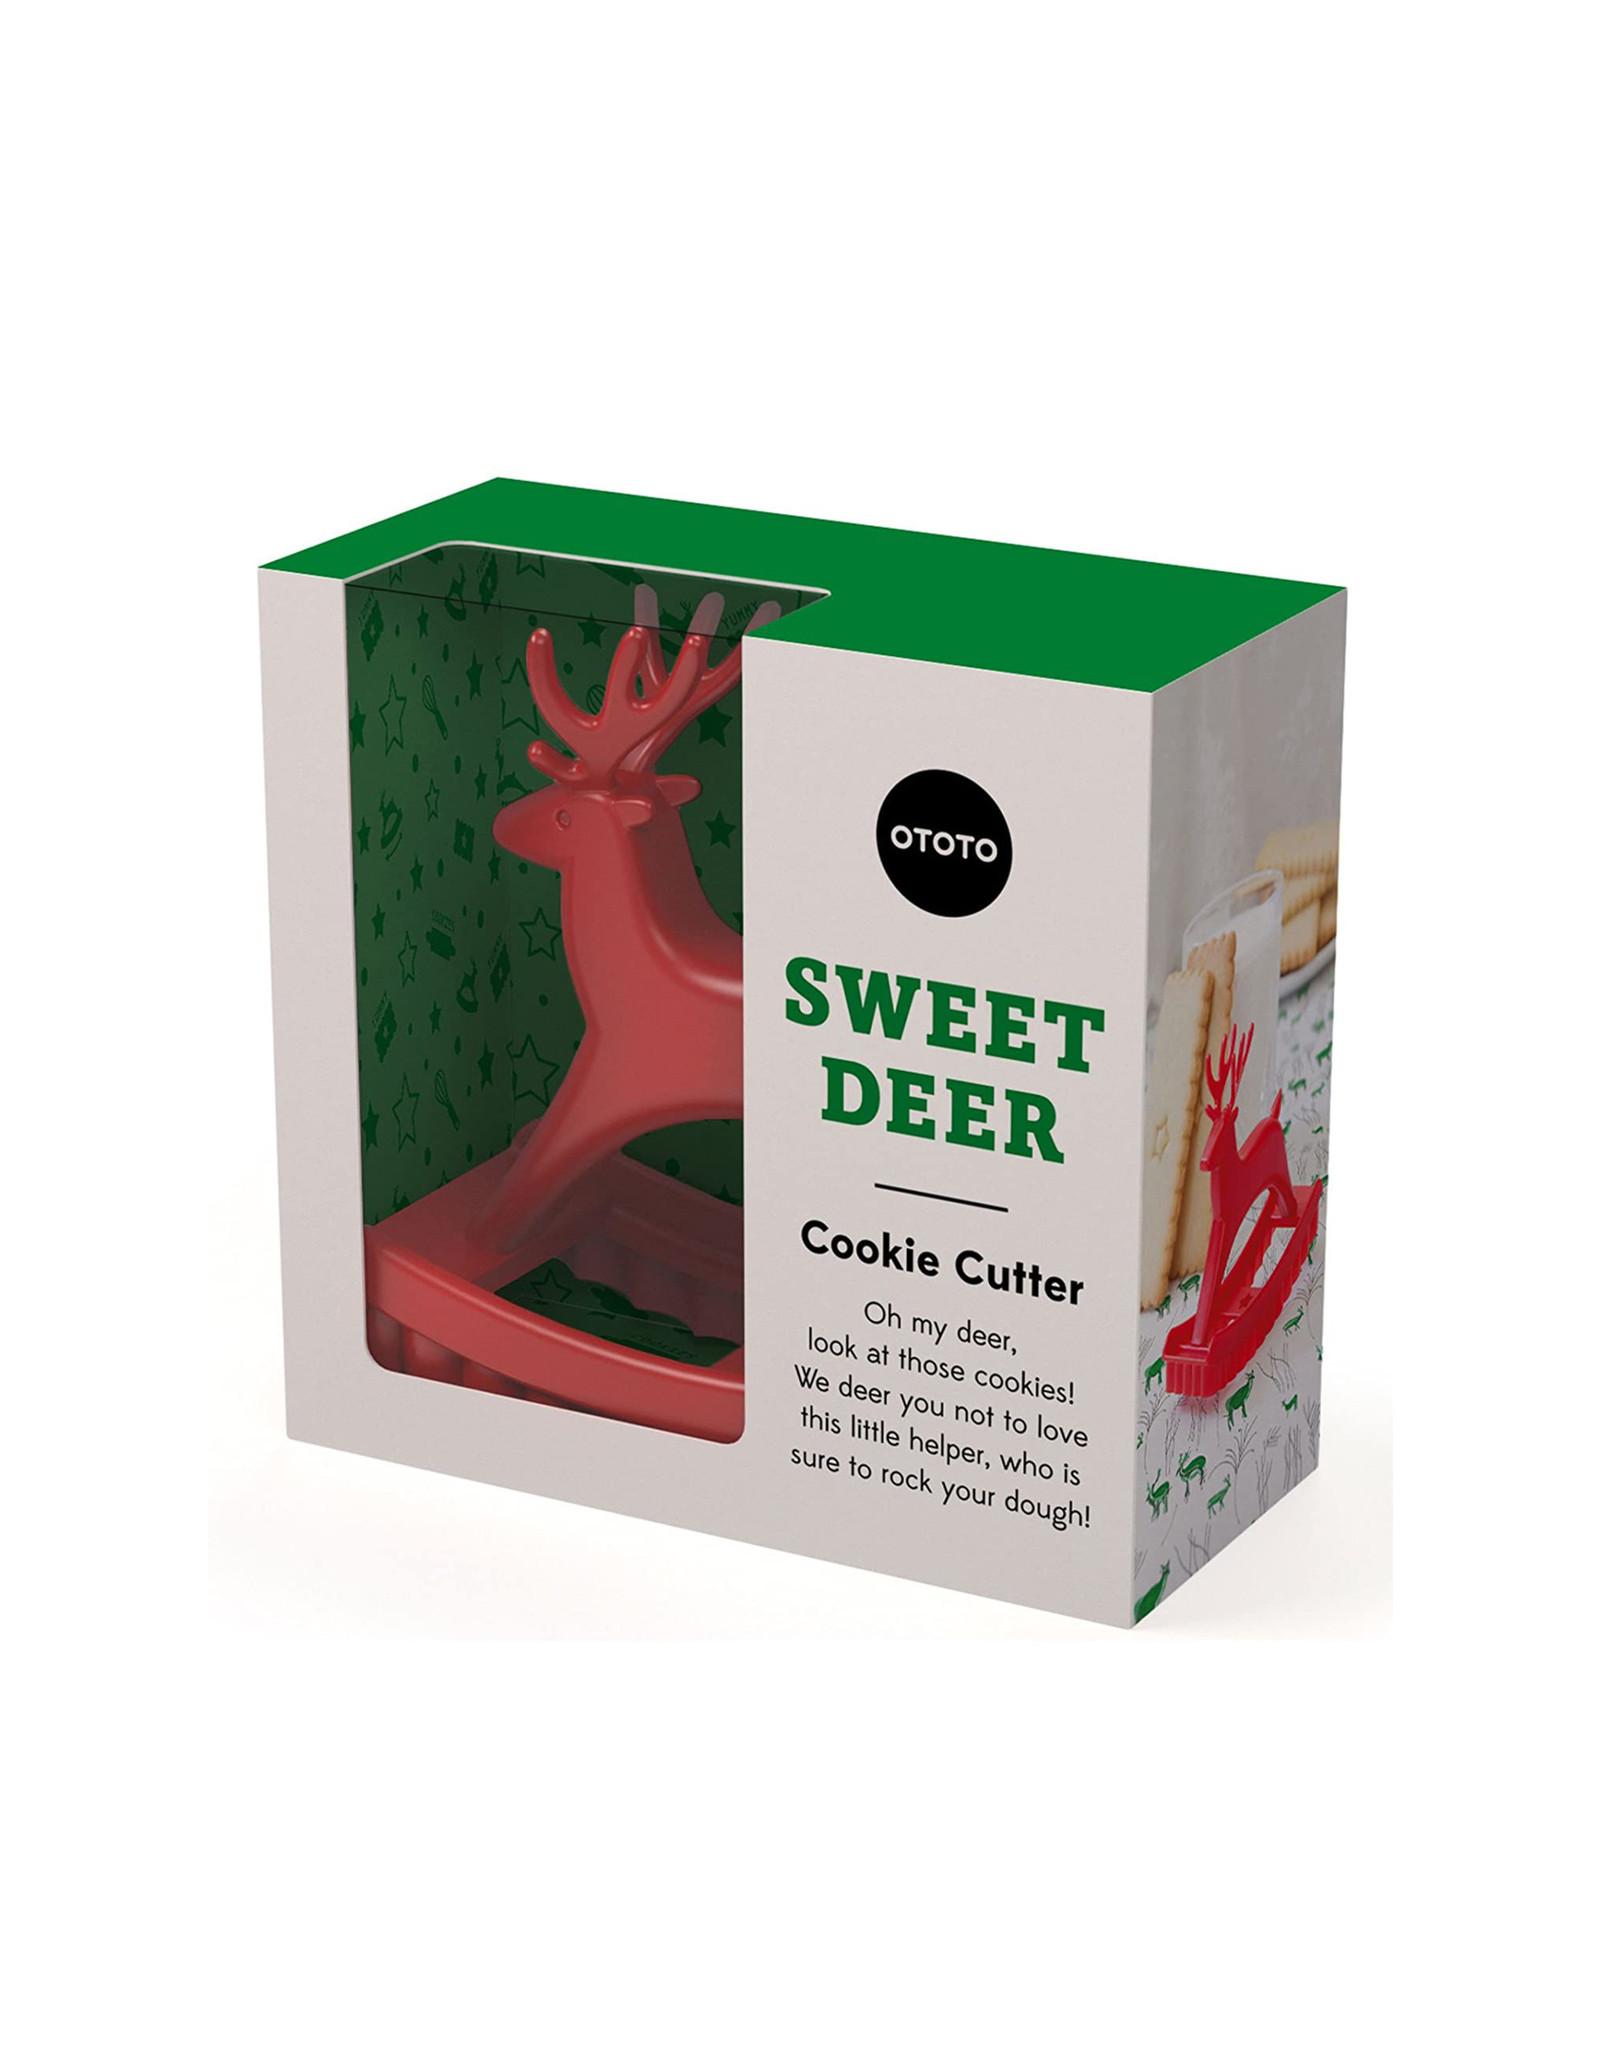 Ototo Sweet Deer Cookie Cutter